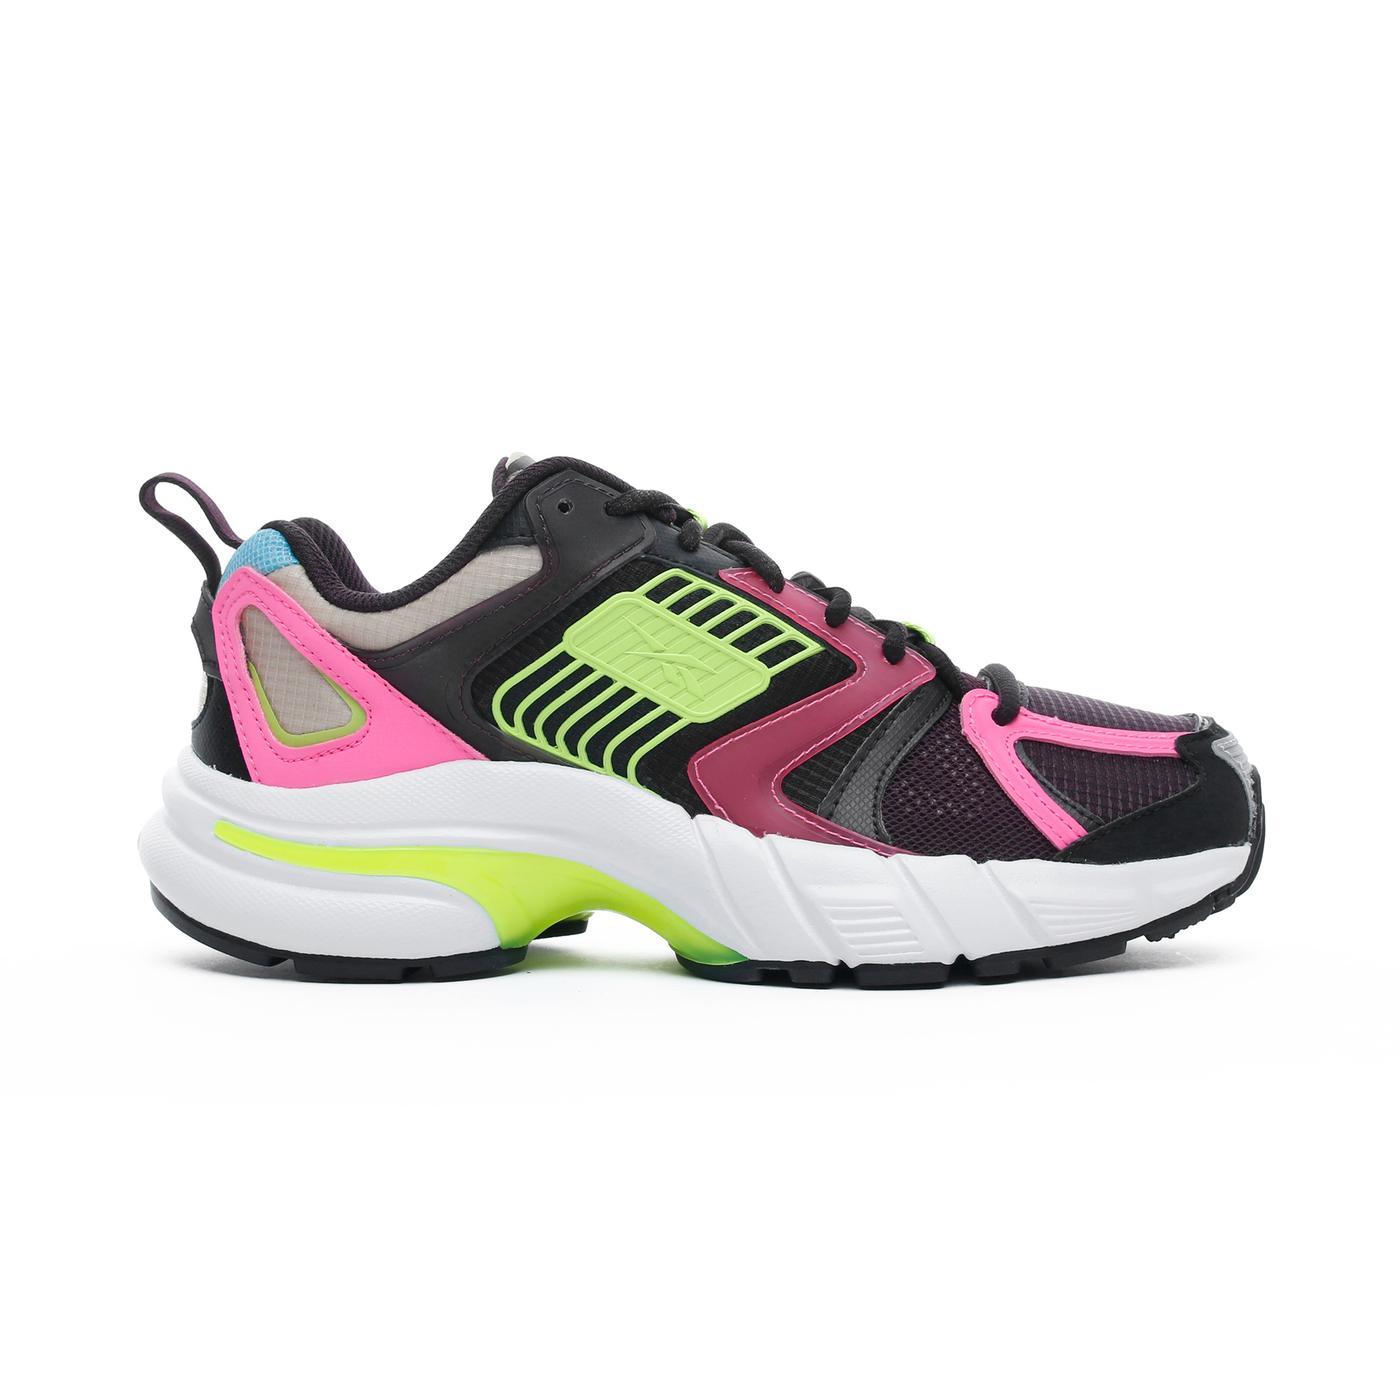 Reebok Premier Kadın Spor Ayakkabı